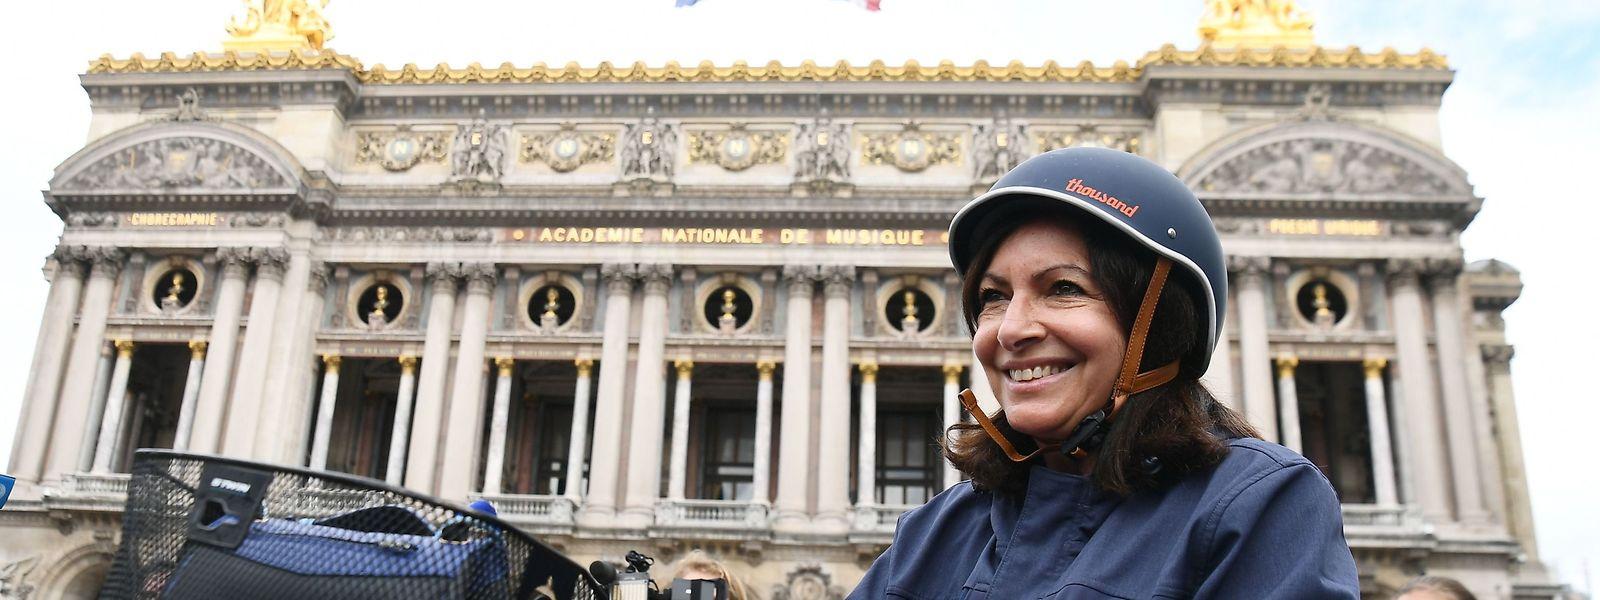 Wenn sie am Sonntag wiedergewählt wird, will Bürgermeisterin Anne Hidalgo die Entwicklung von Paris zur fahrradfreundlichen Stadt weiter vorantreiben.